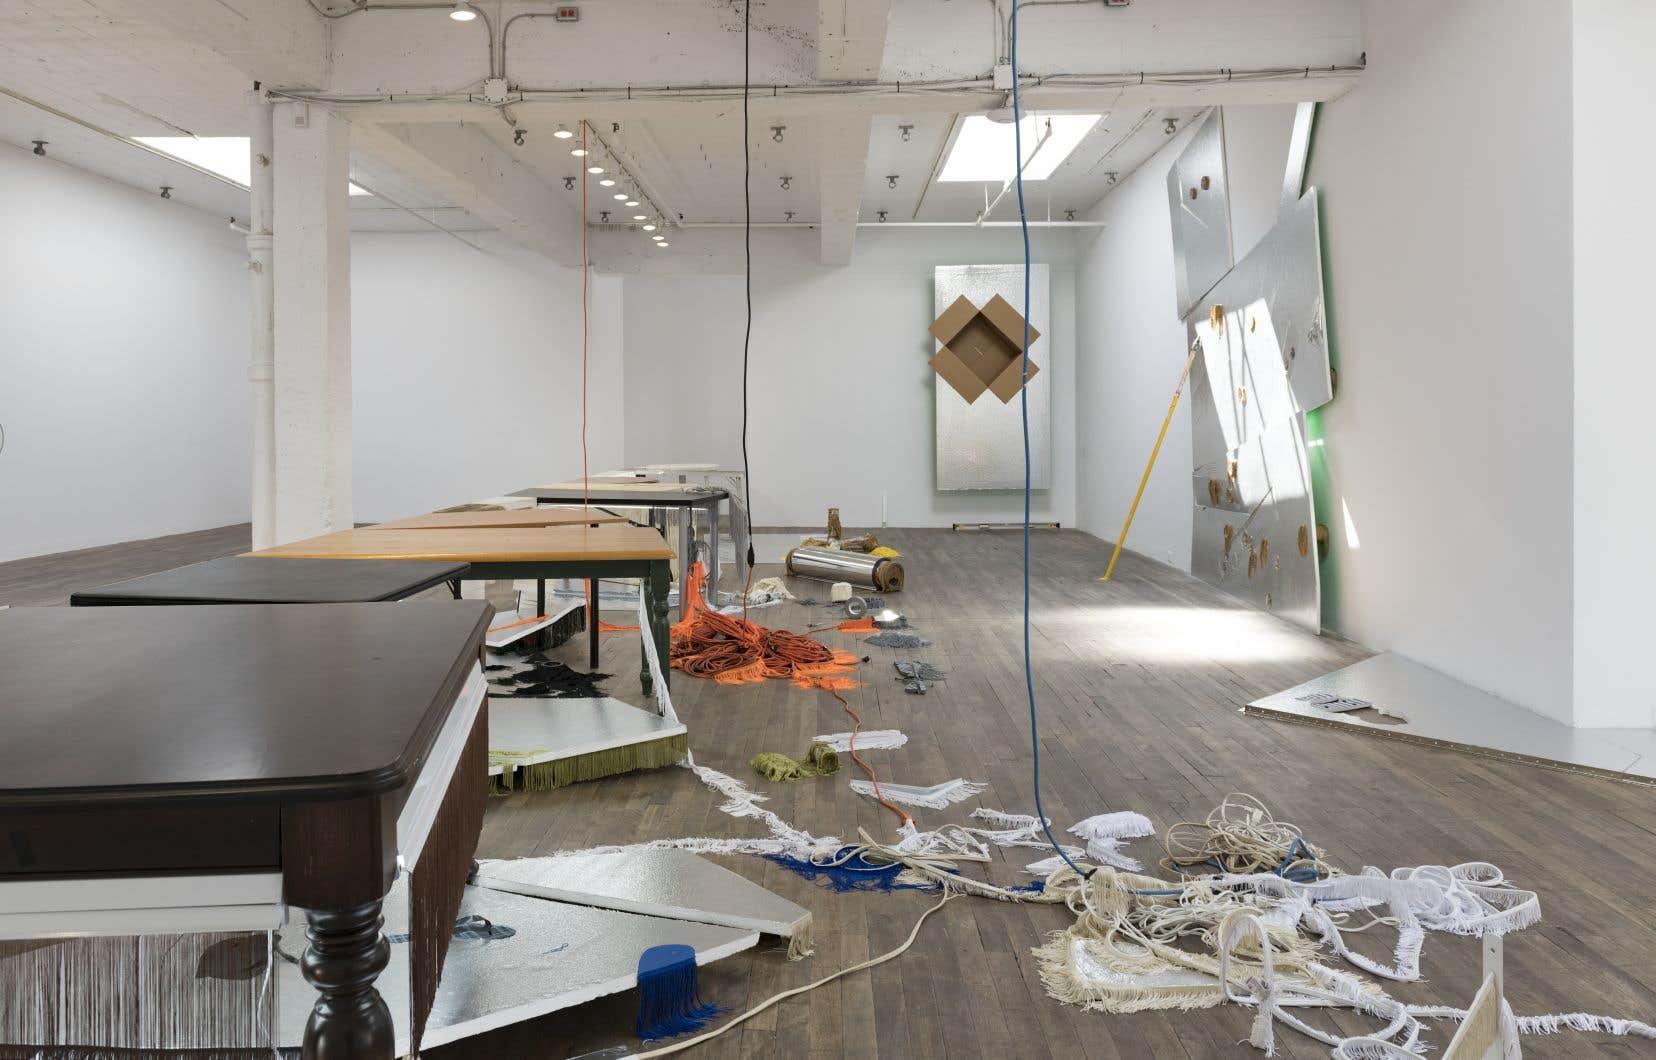 Vue de l'exposition «Le quart de la moitié du vide/A Quarter of Half the Void», de Manuela Lalic